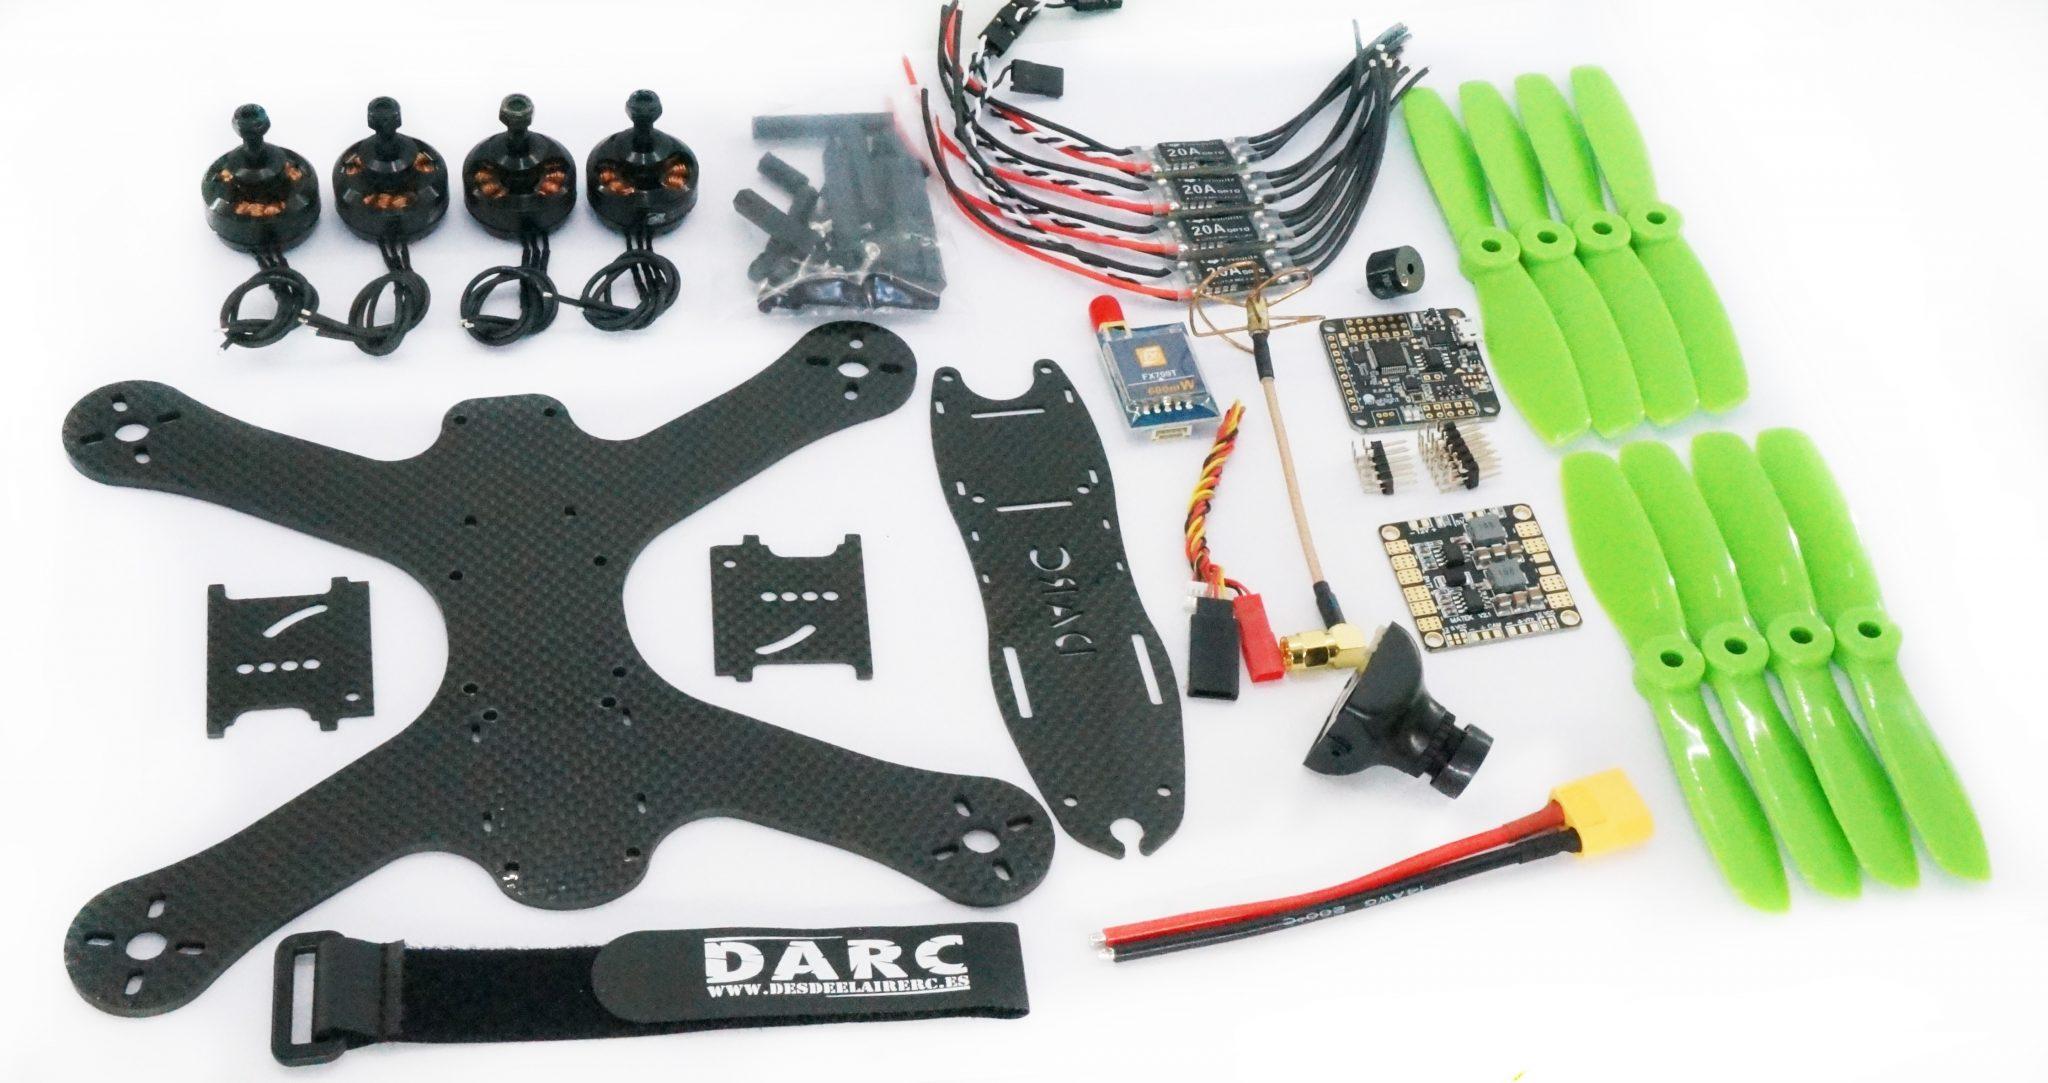 Kit piezas Drone de carreras - Drone racing